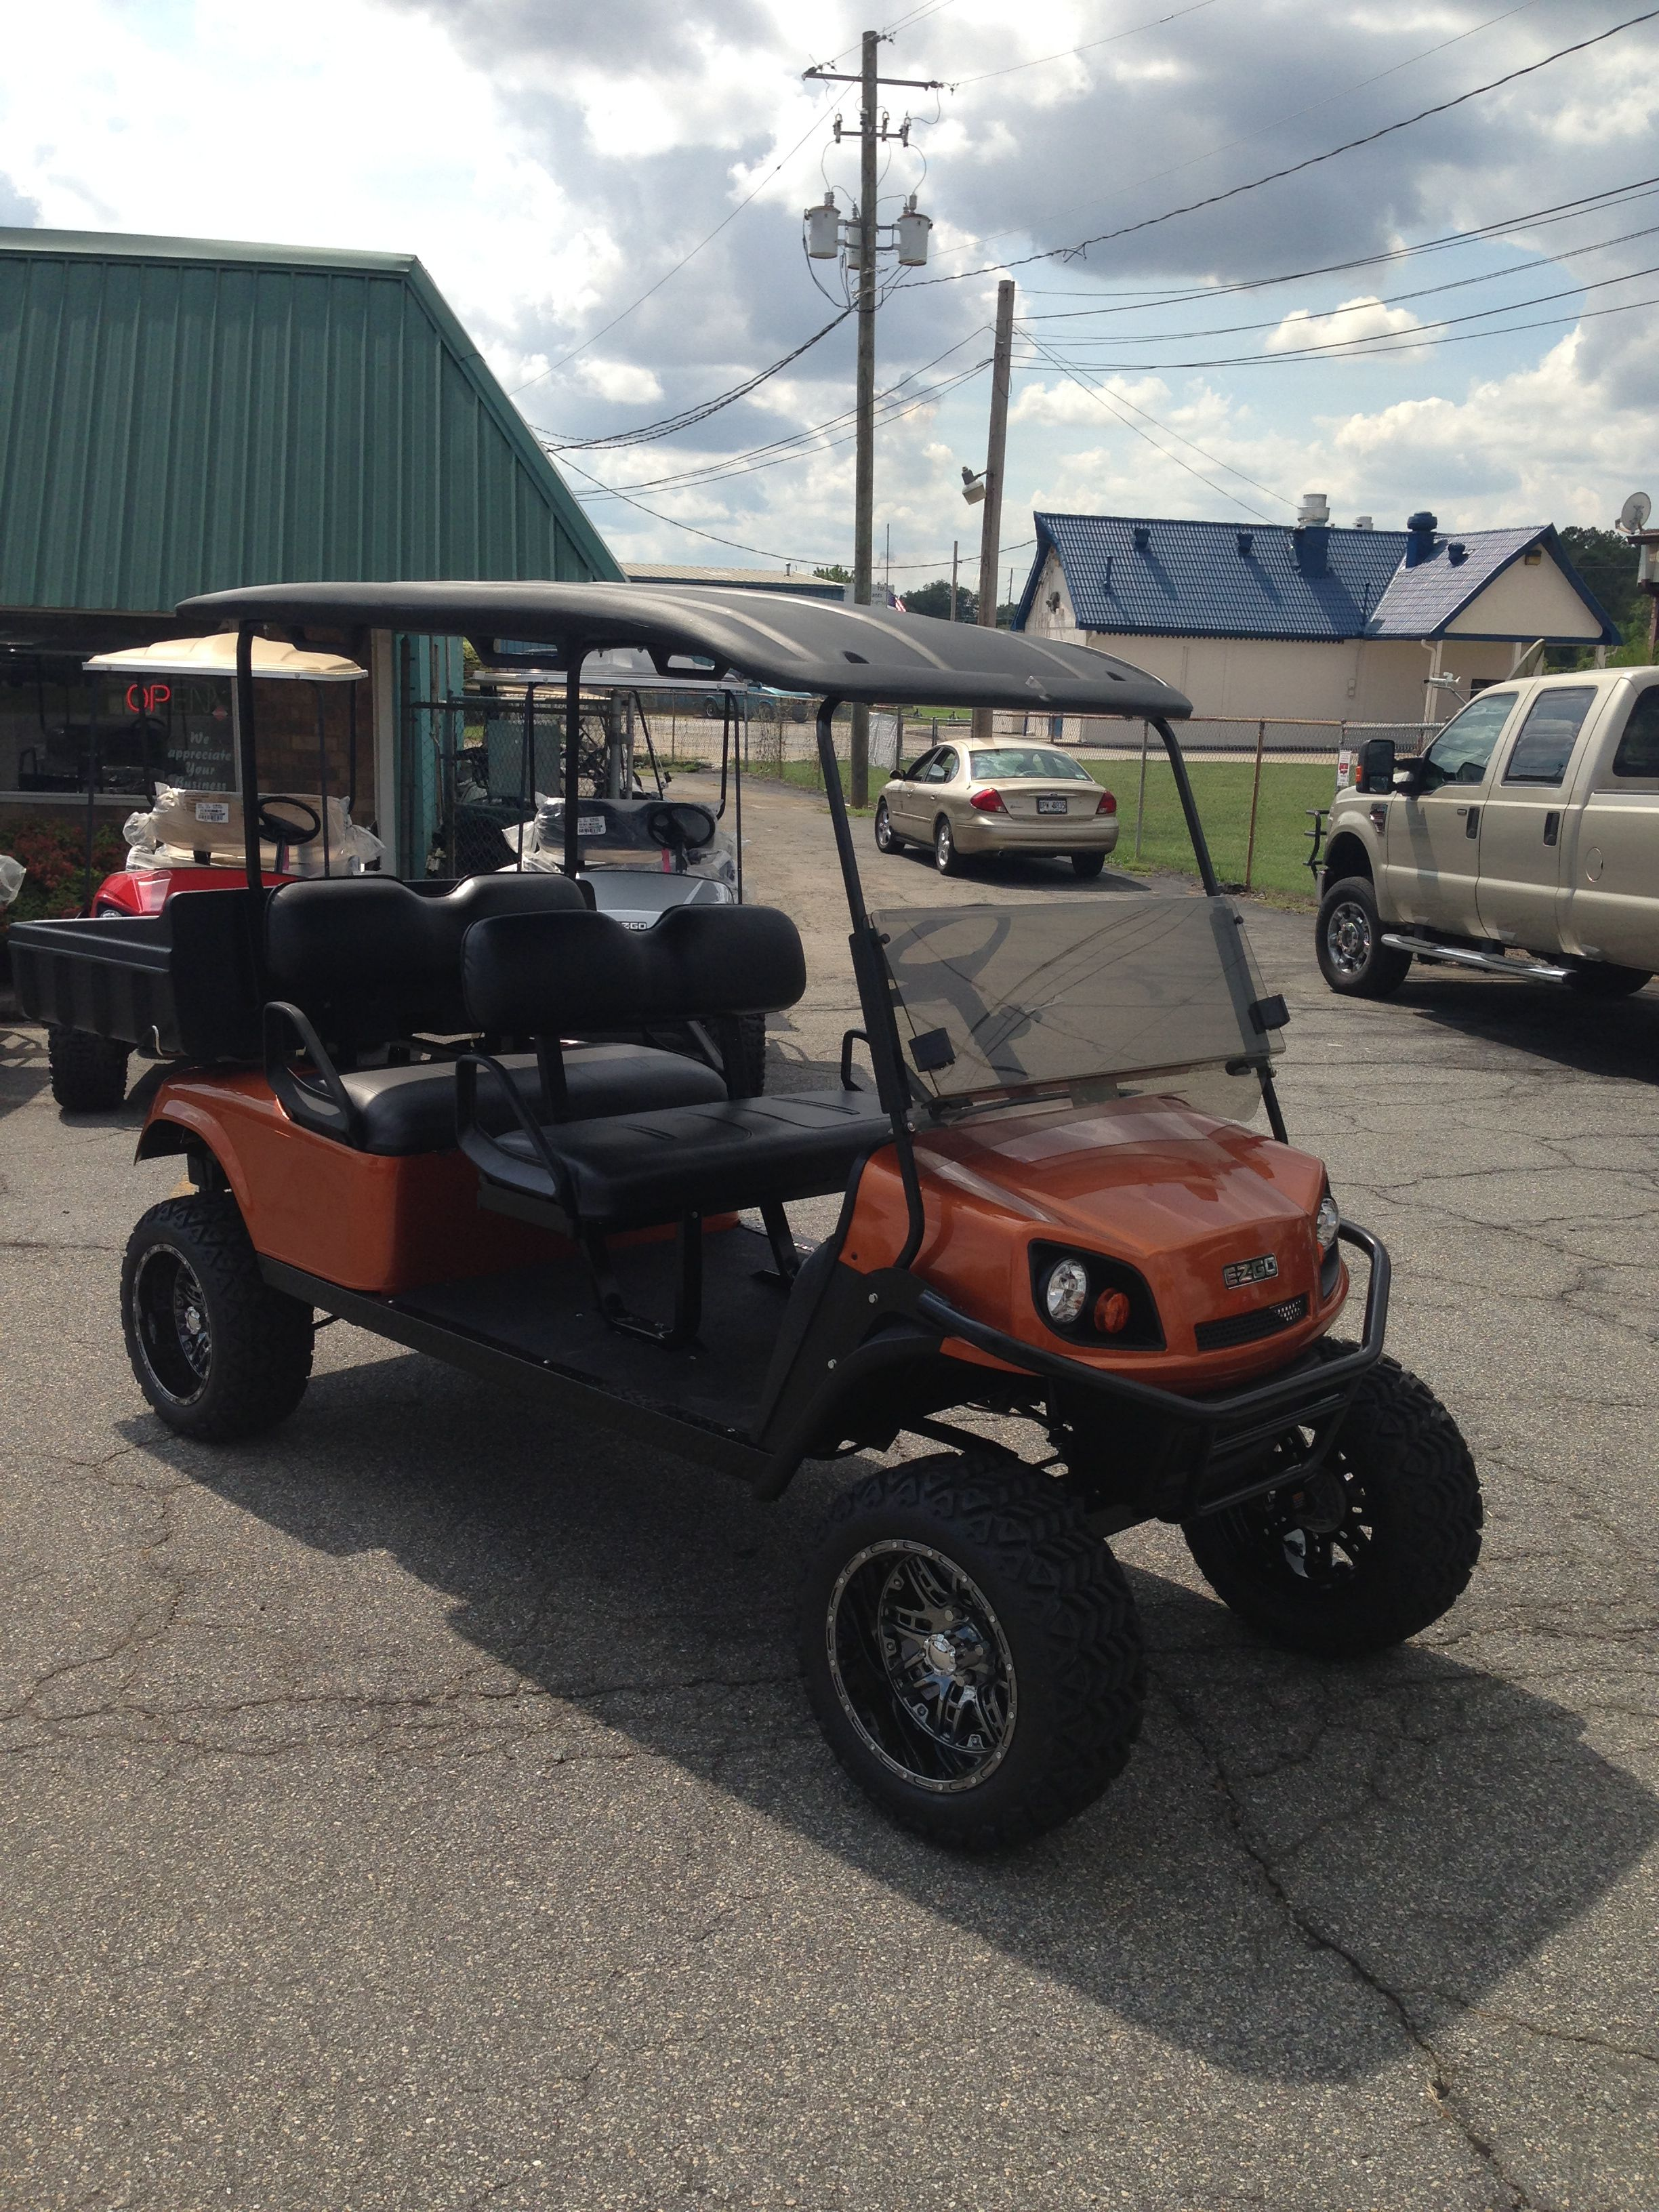 CUSTOM 4-SEATER WITH DUMP BED   EZGO GOLF CARTS   Pinterest   Golf on golf cart classifieds, golf cart library, golf cart events, golf cart safety tips, golf cart security, golf cart sports, golf cart transportation, golf cart history, golf cart parking, golf cart traffic, golf cart schools, golf cart police,